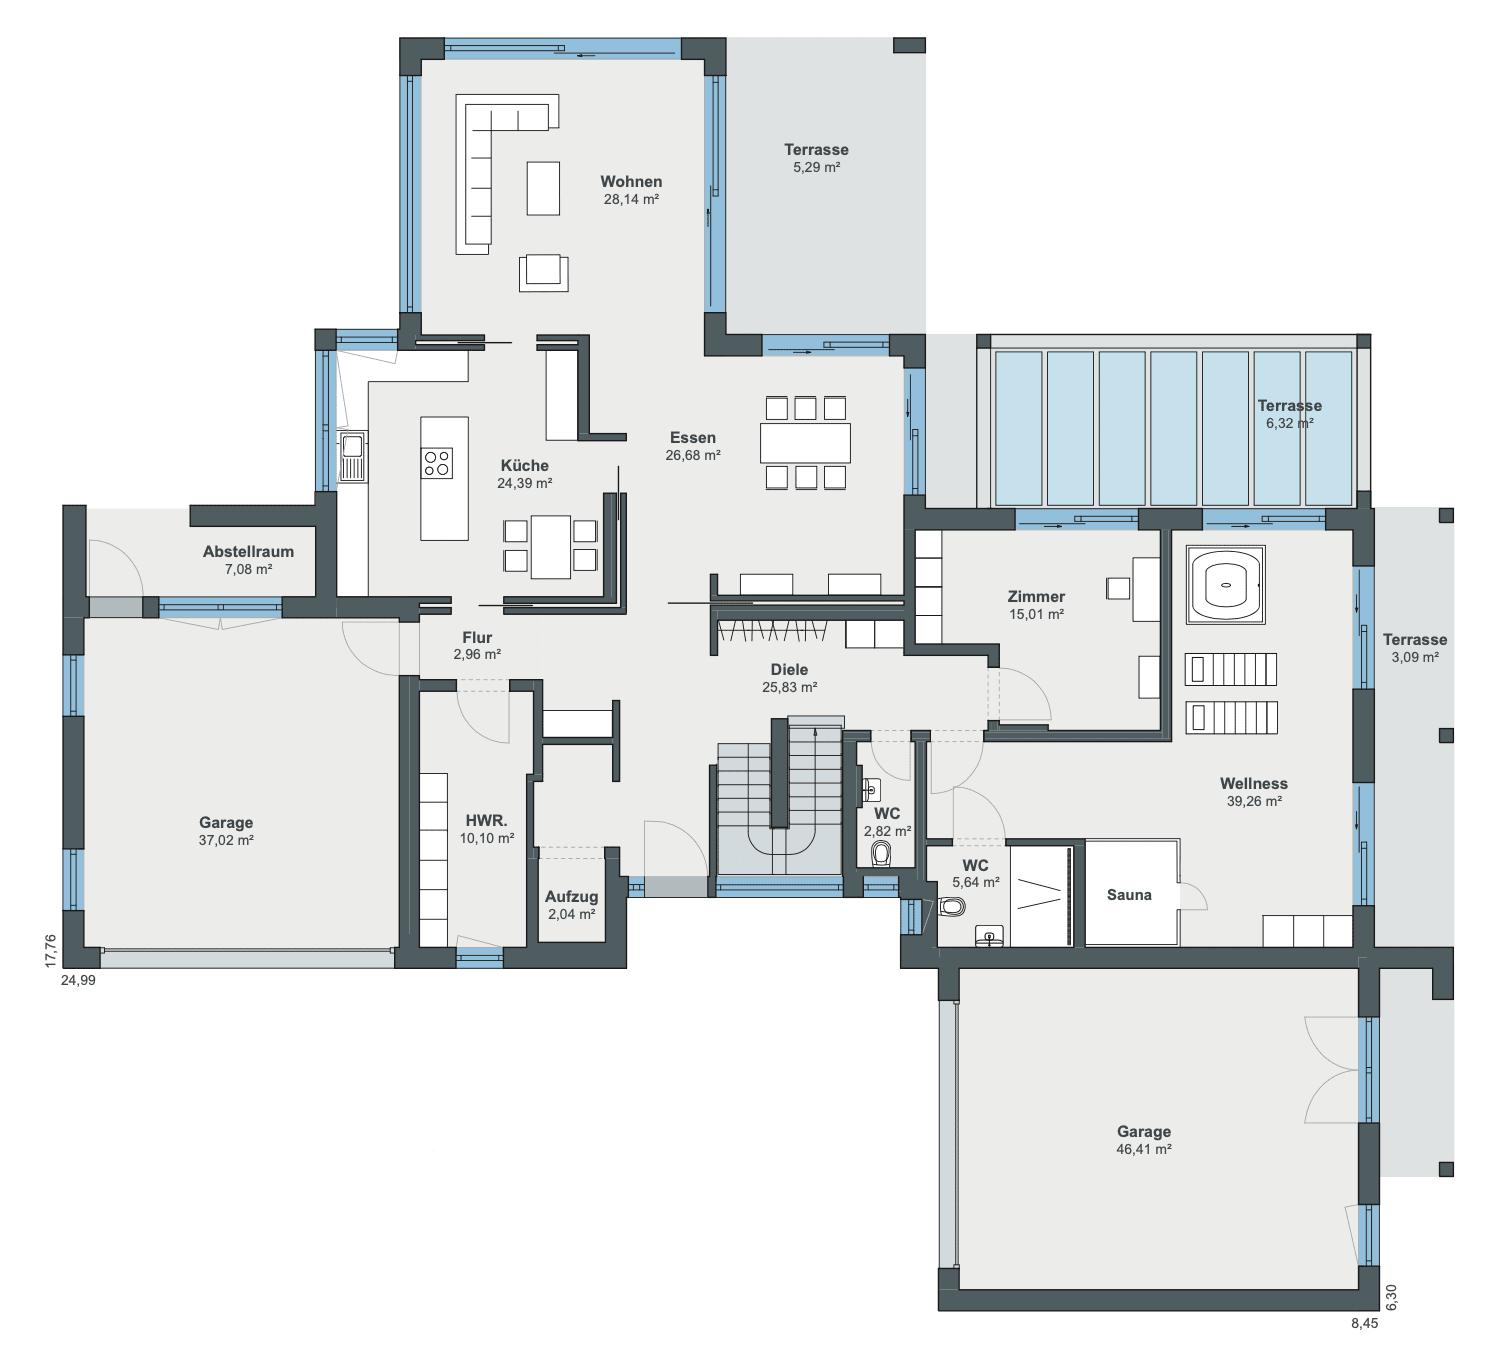 Einfamilienhaus Grundriss Erdgeschoss mit Garage - Haus Ideen Bauhaus Villa WeberHaus Fertighaus - HausbauDirekt.de